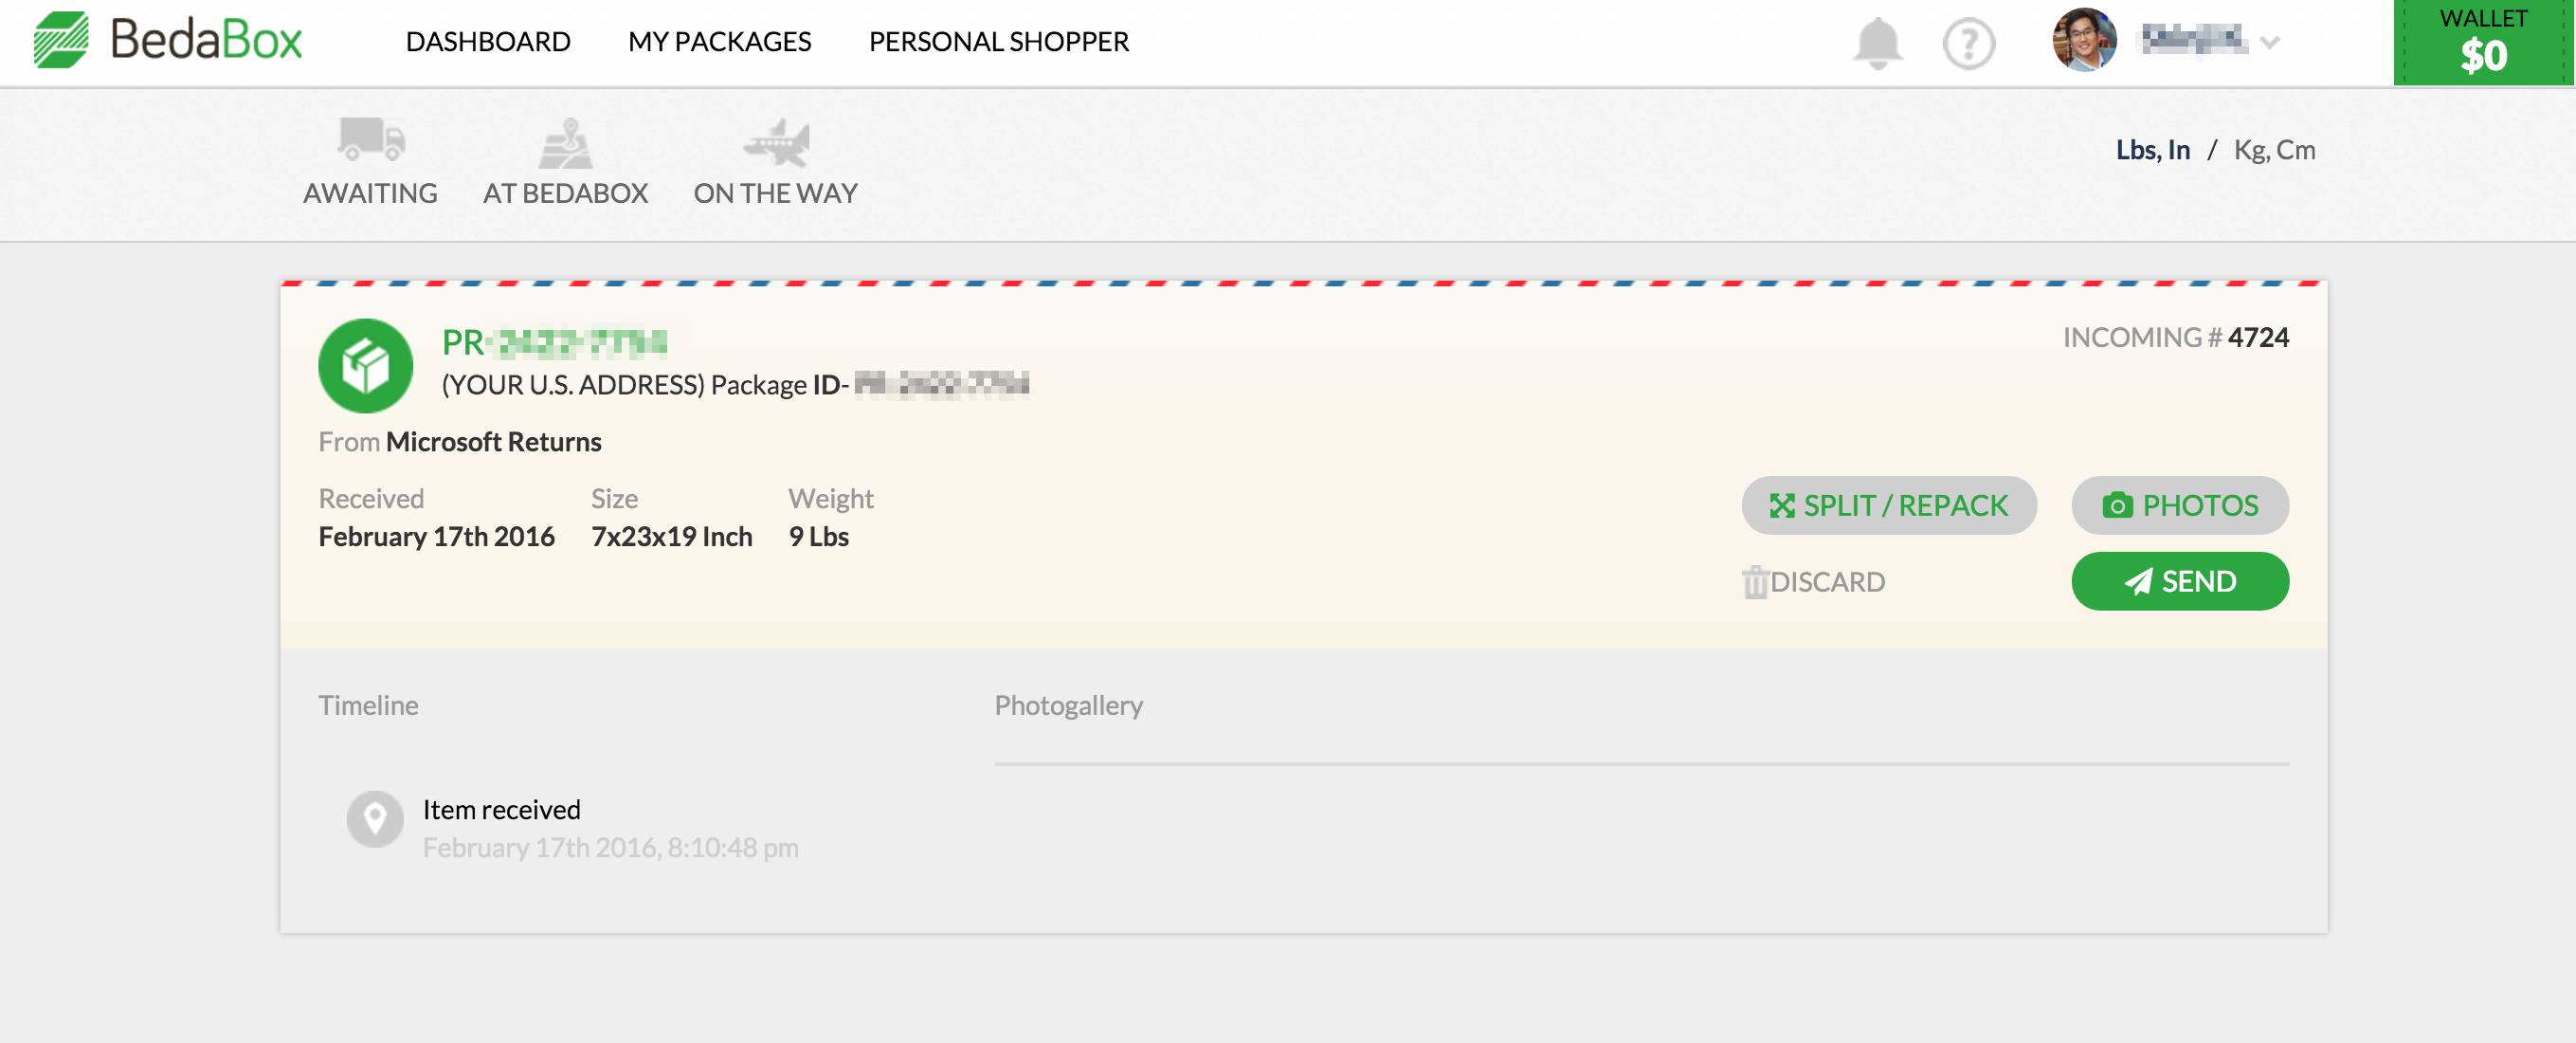 詳細を見ると、Microsoftから届いたものがついに確認! なお、この画面で開封での中身確認や写真撮影などが別料金で依頼できる。